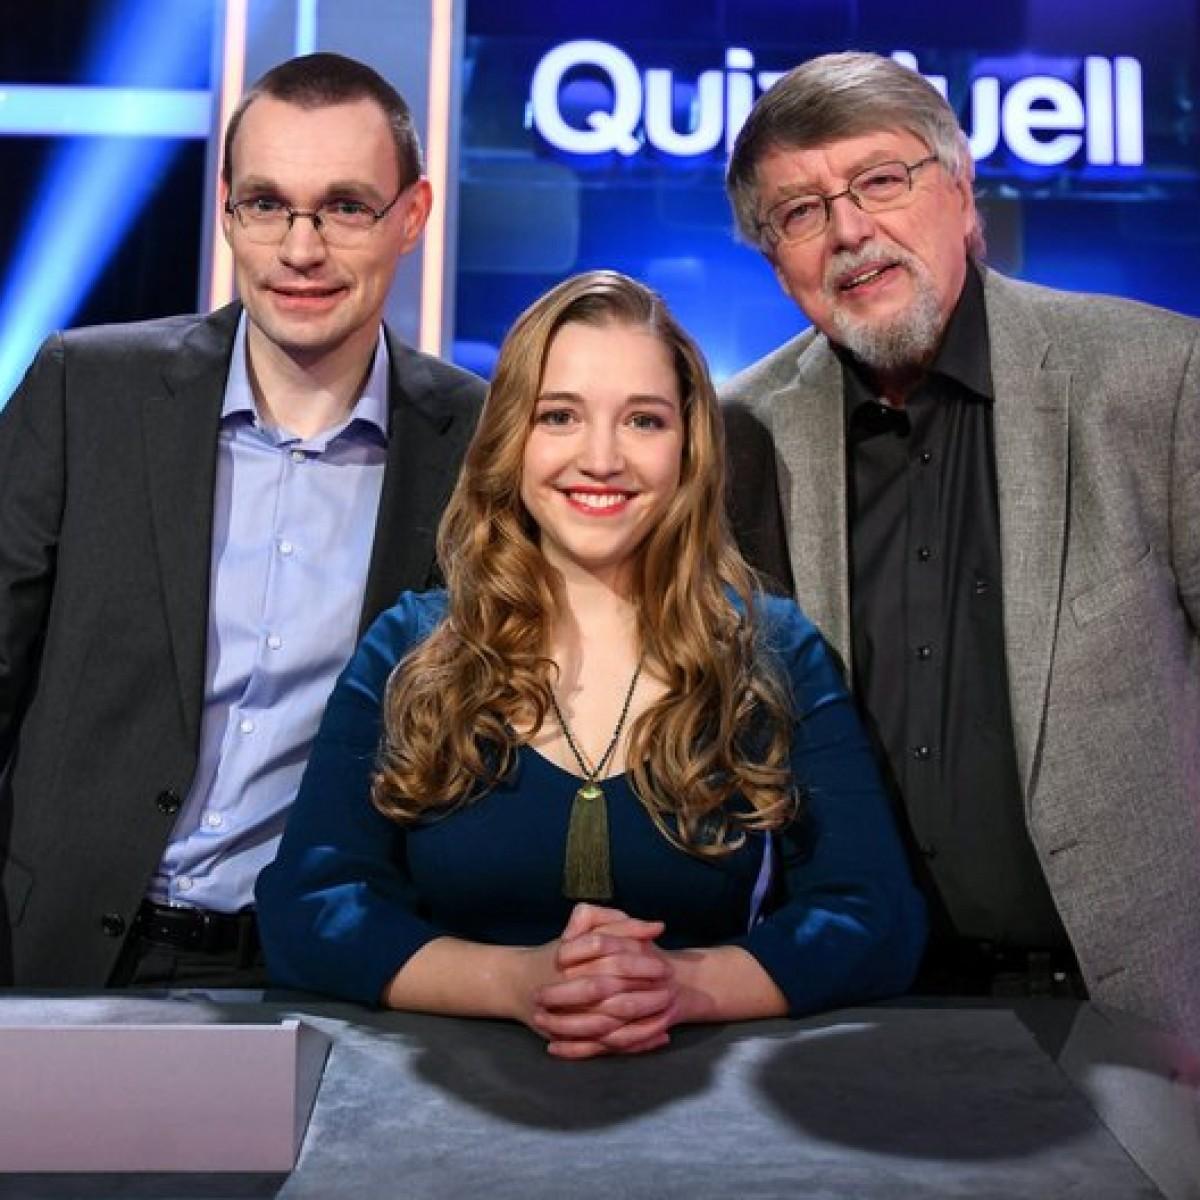 Quizduell-Olymp: Fortsetzung ist gesichert - 30 neue Folgen des Vorabendquiz im Ersten - TV